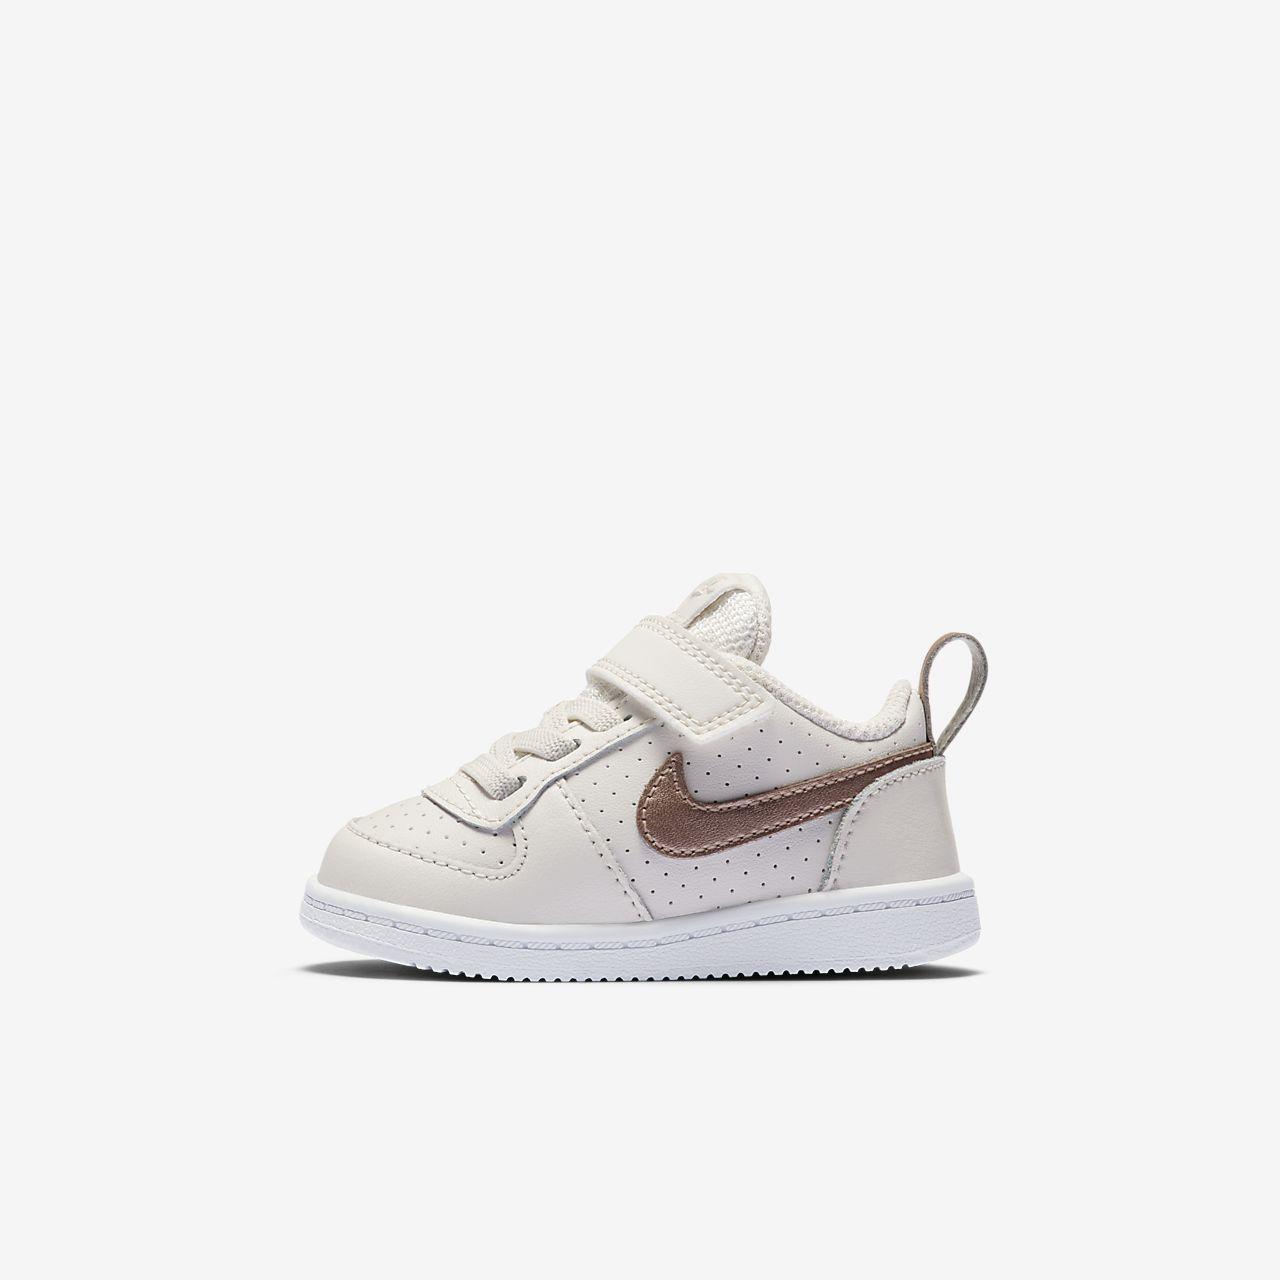 Low Petit Et Nikecourt Chaussure Bébé Enfant Borough Pour vg76fIYby